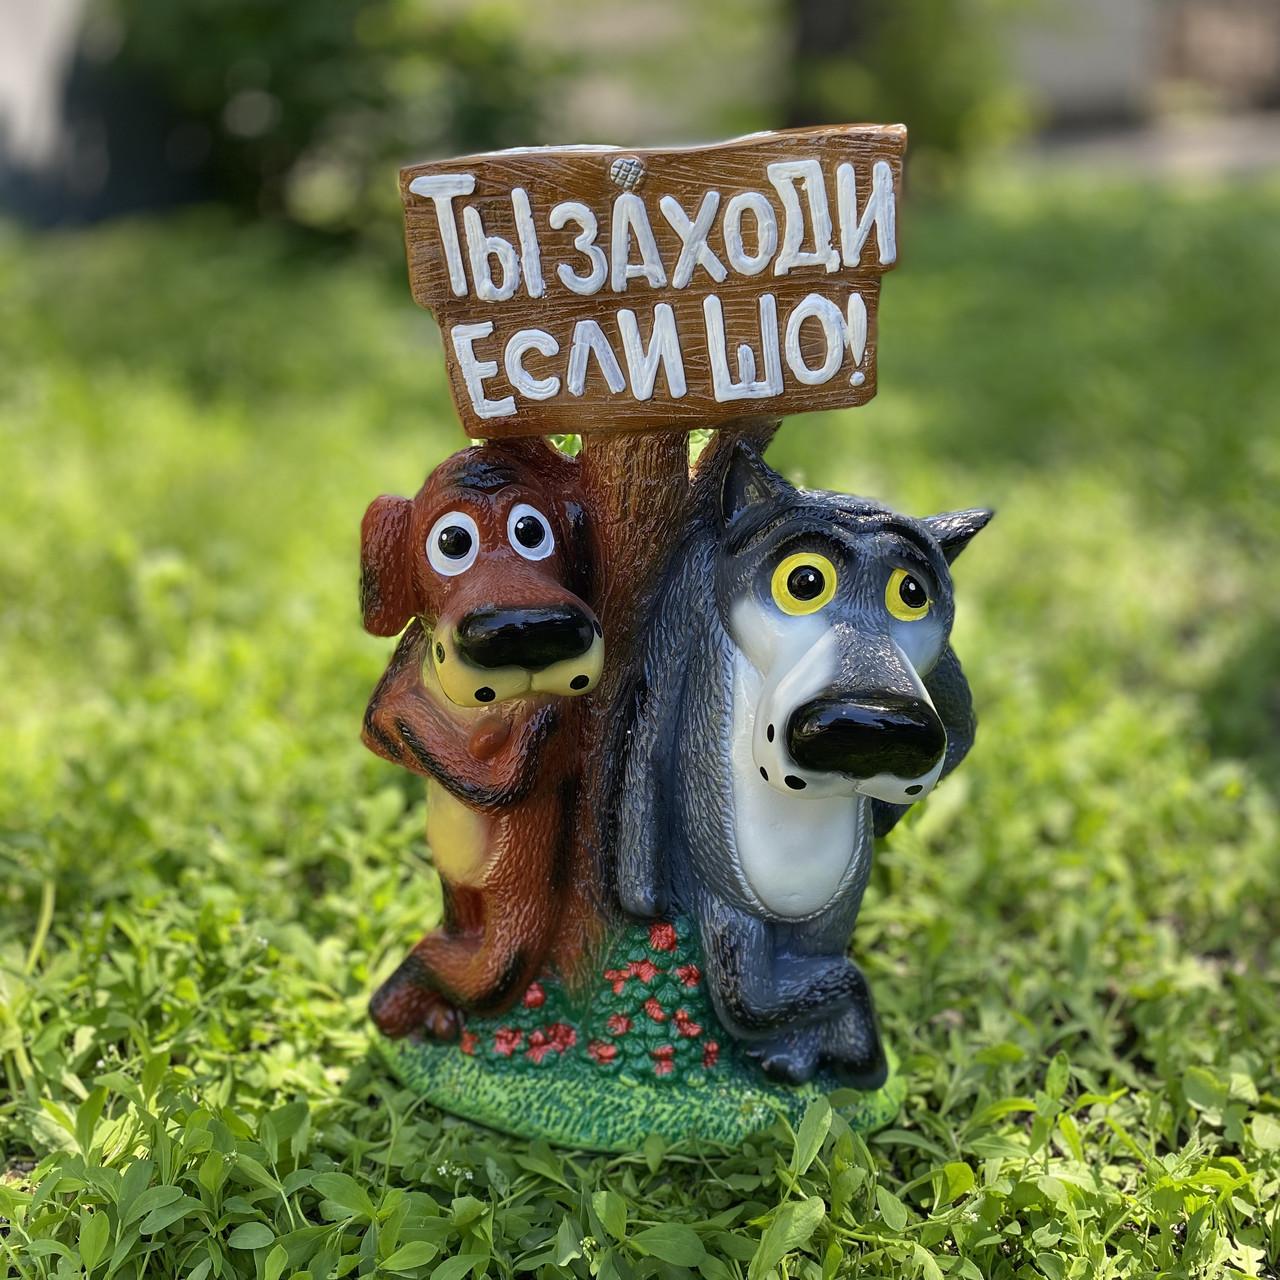 """Садовая фигура «Жил был пёс» \  «Волк и пес » \  «Ты заходи если шо!""""» 46 см"""